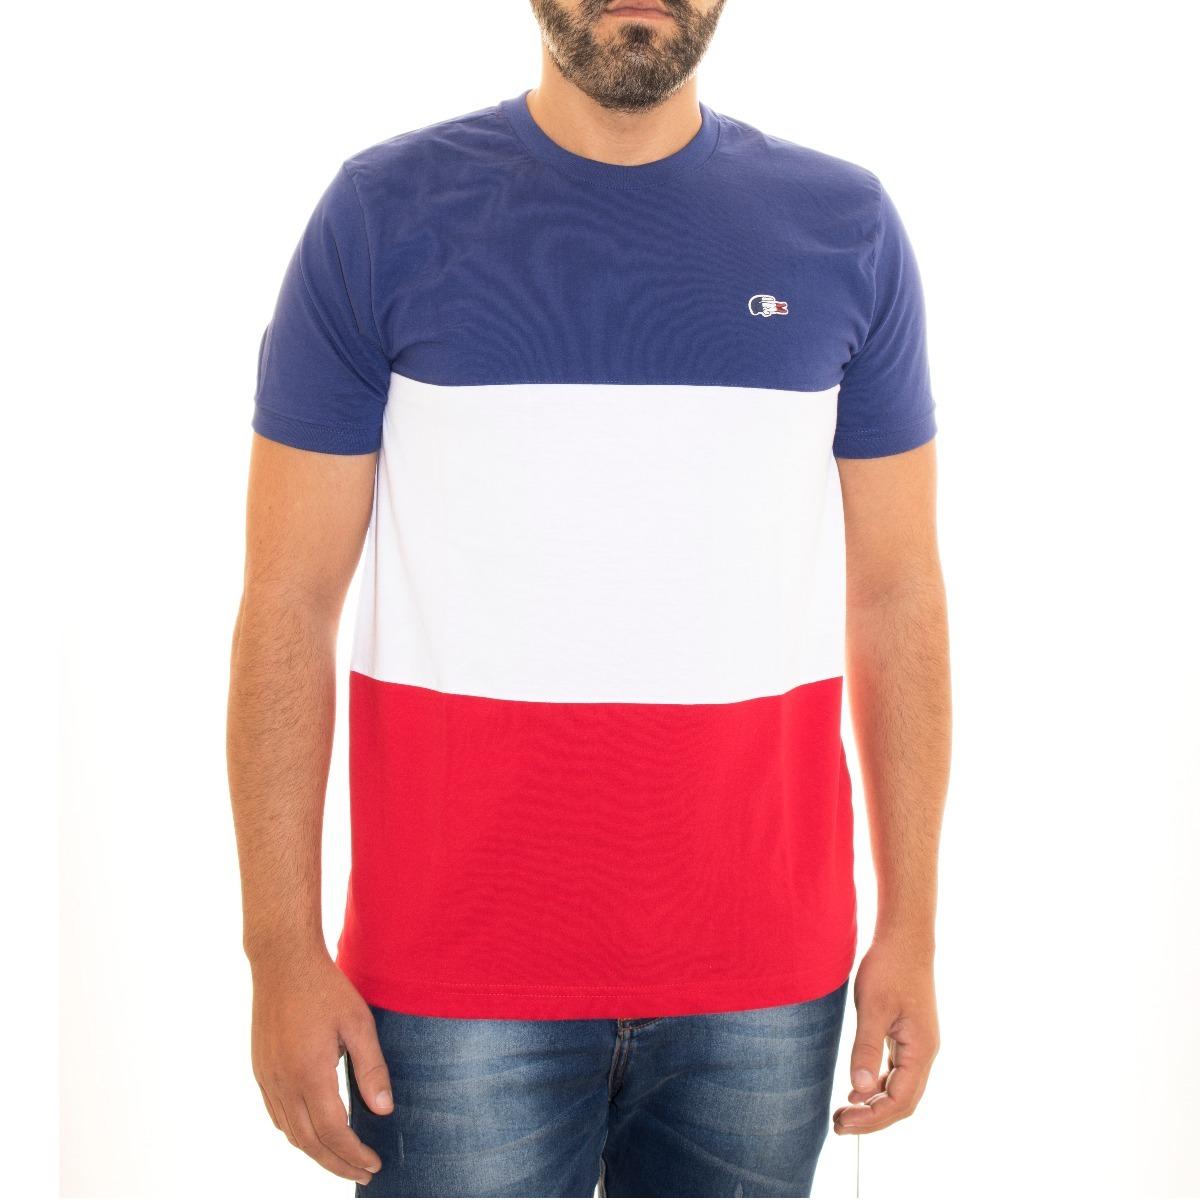 c7a5870e933c8 camisa camiseta lacoste masculina tricolor frança original. Carregando zoom.